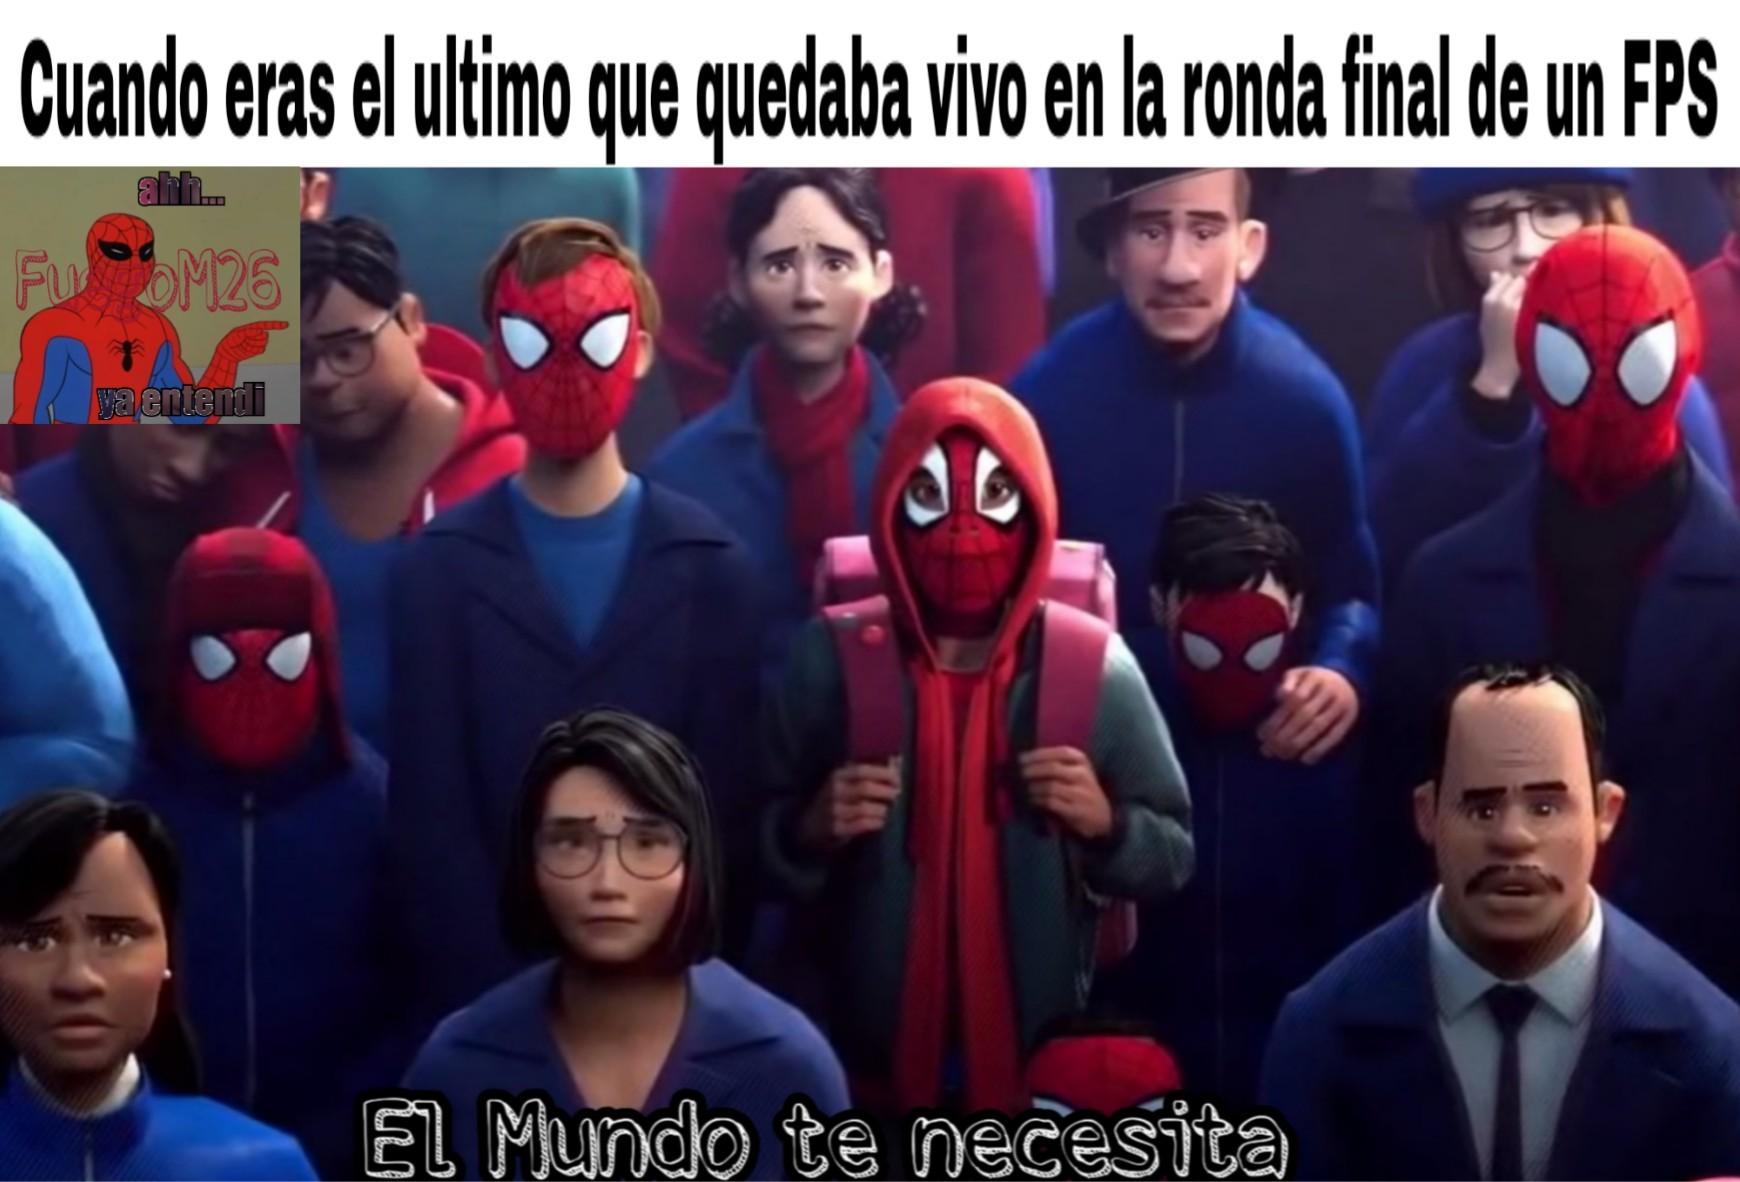 Sr Stark, y ahora que hago? - meme